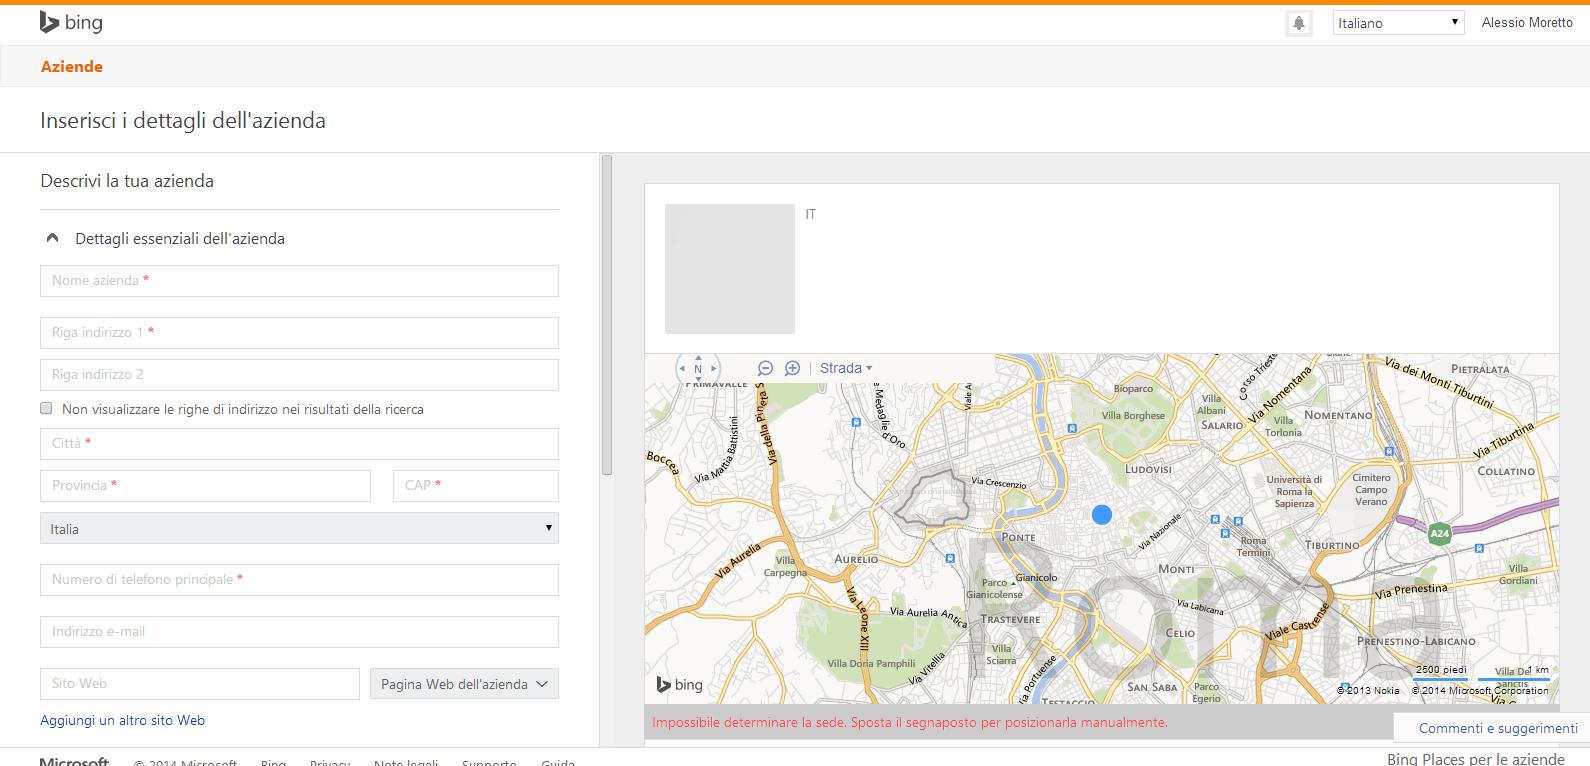 Bing Places per le aziende (2)